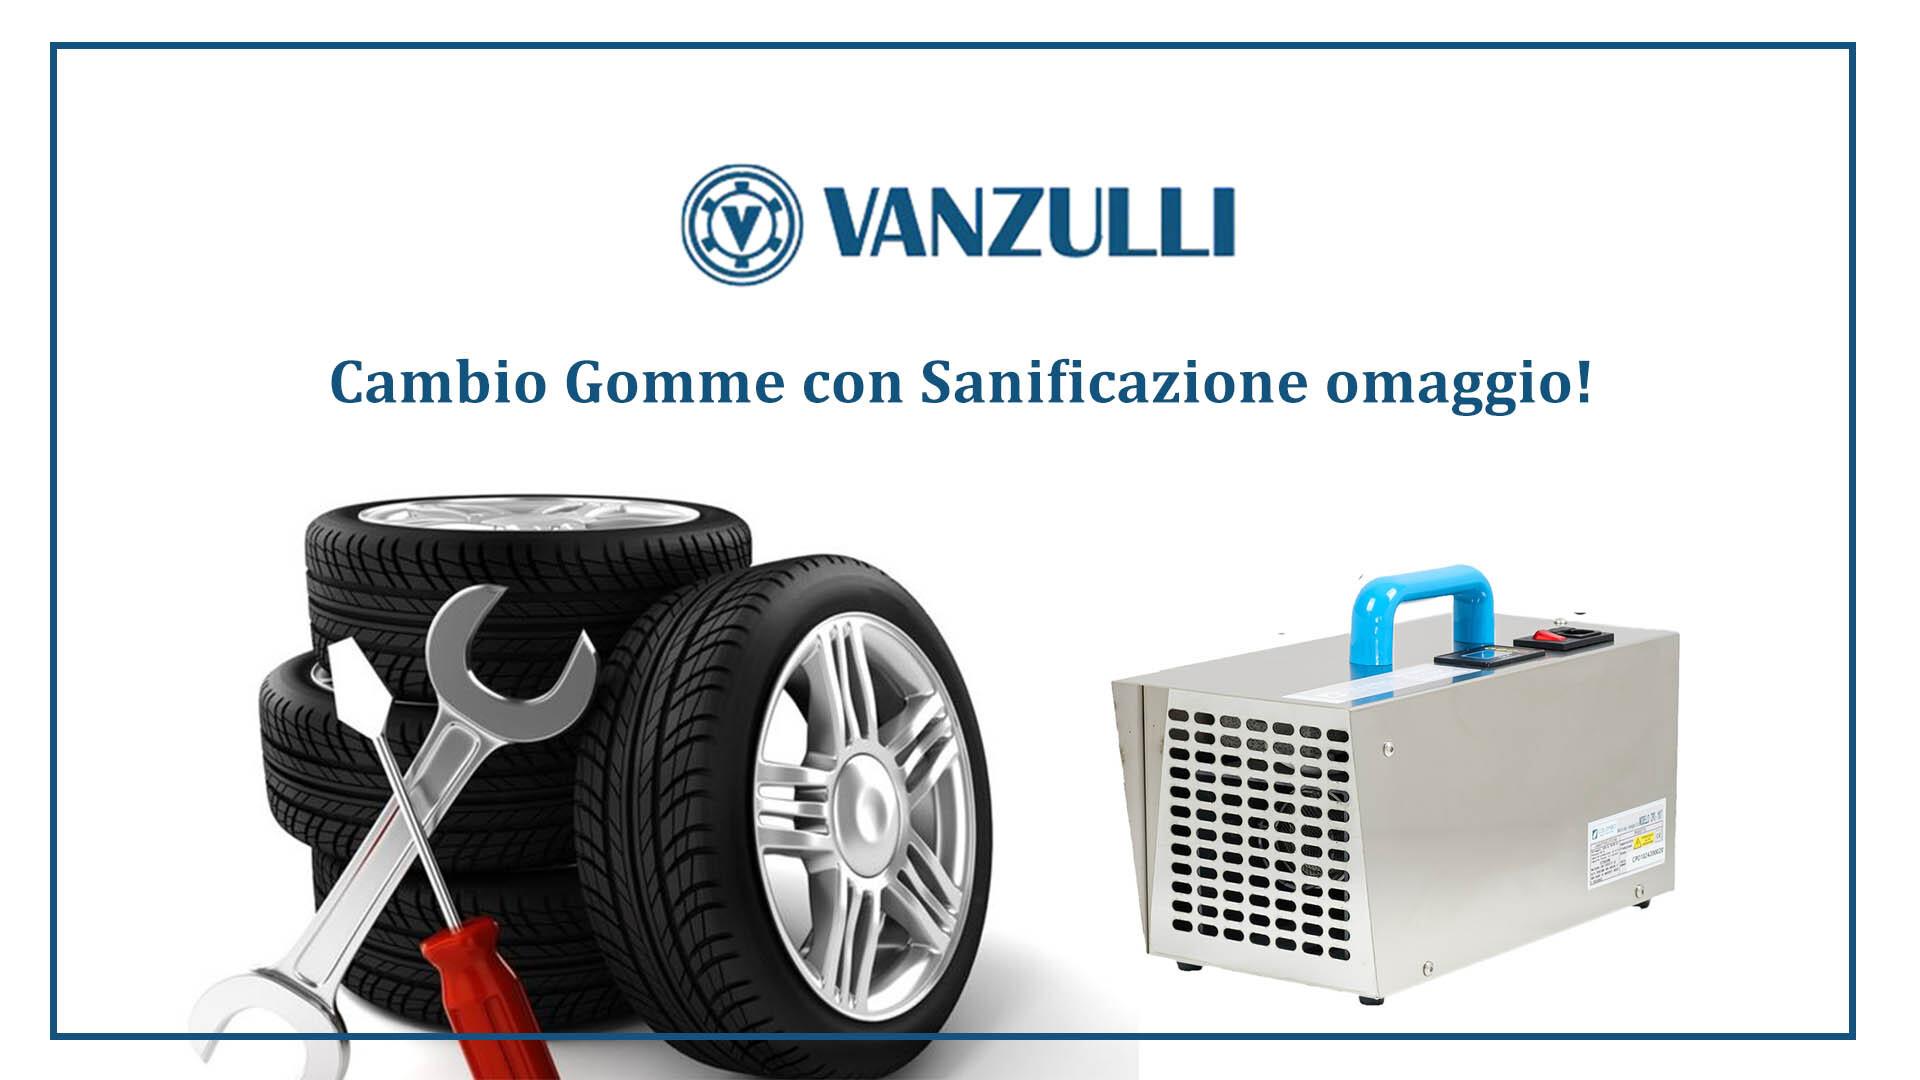 vanzulli_cambio-gomme_sanificazione-ozono